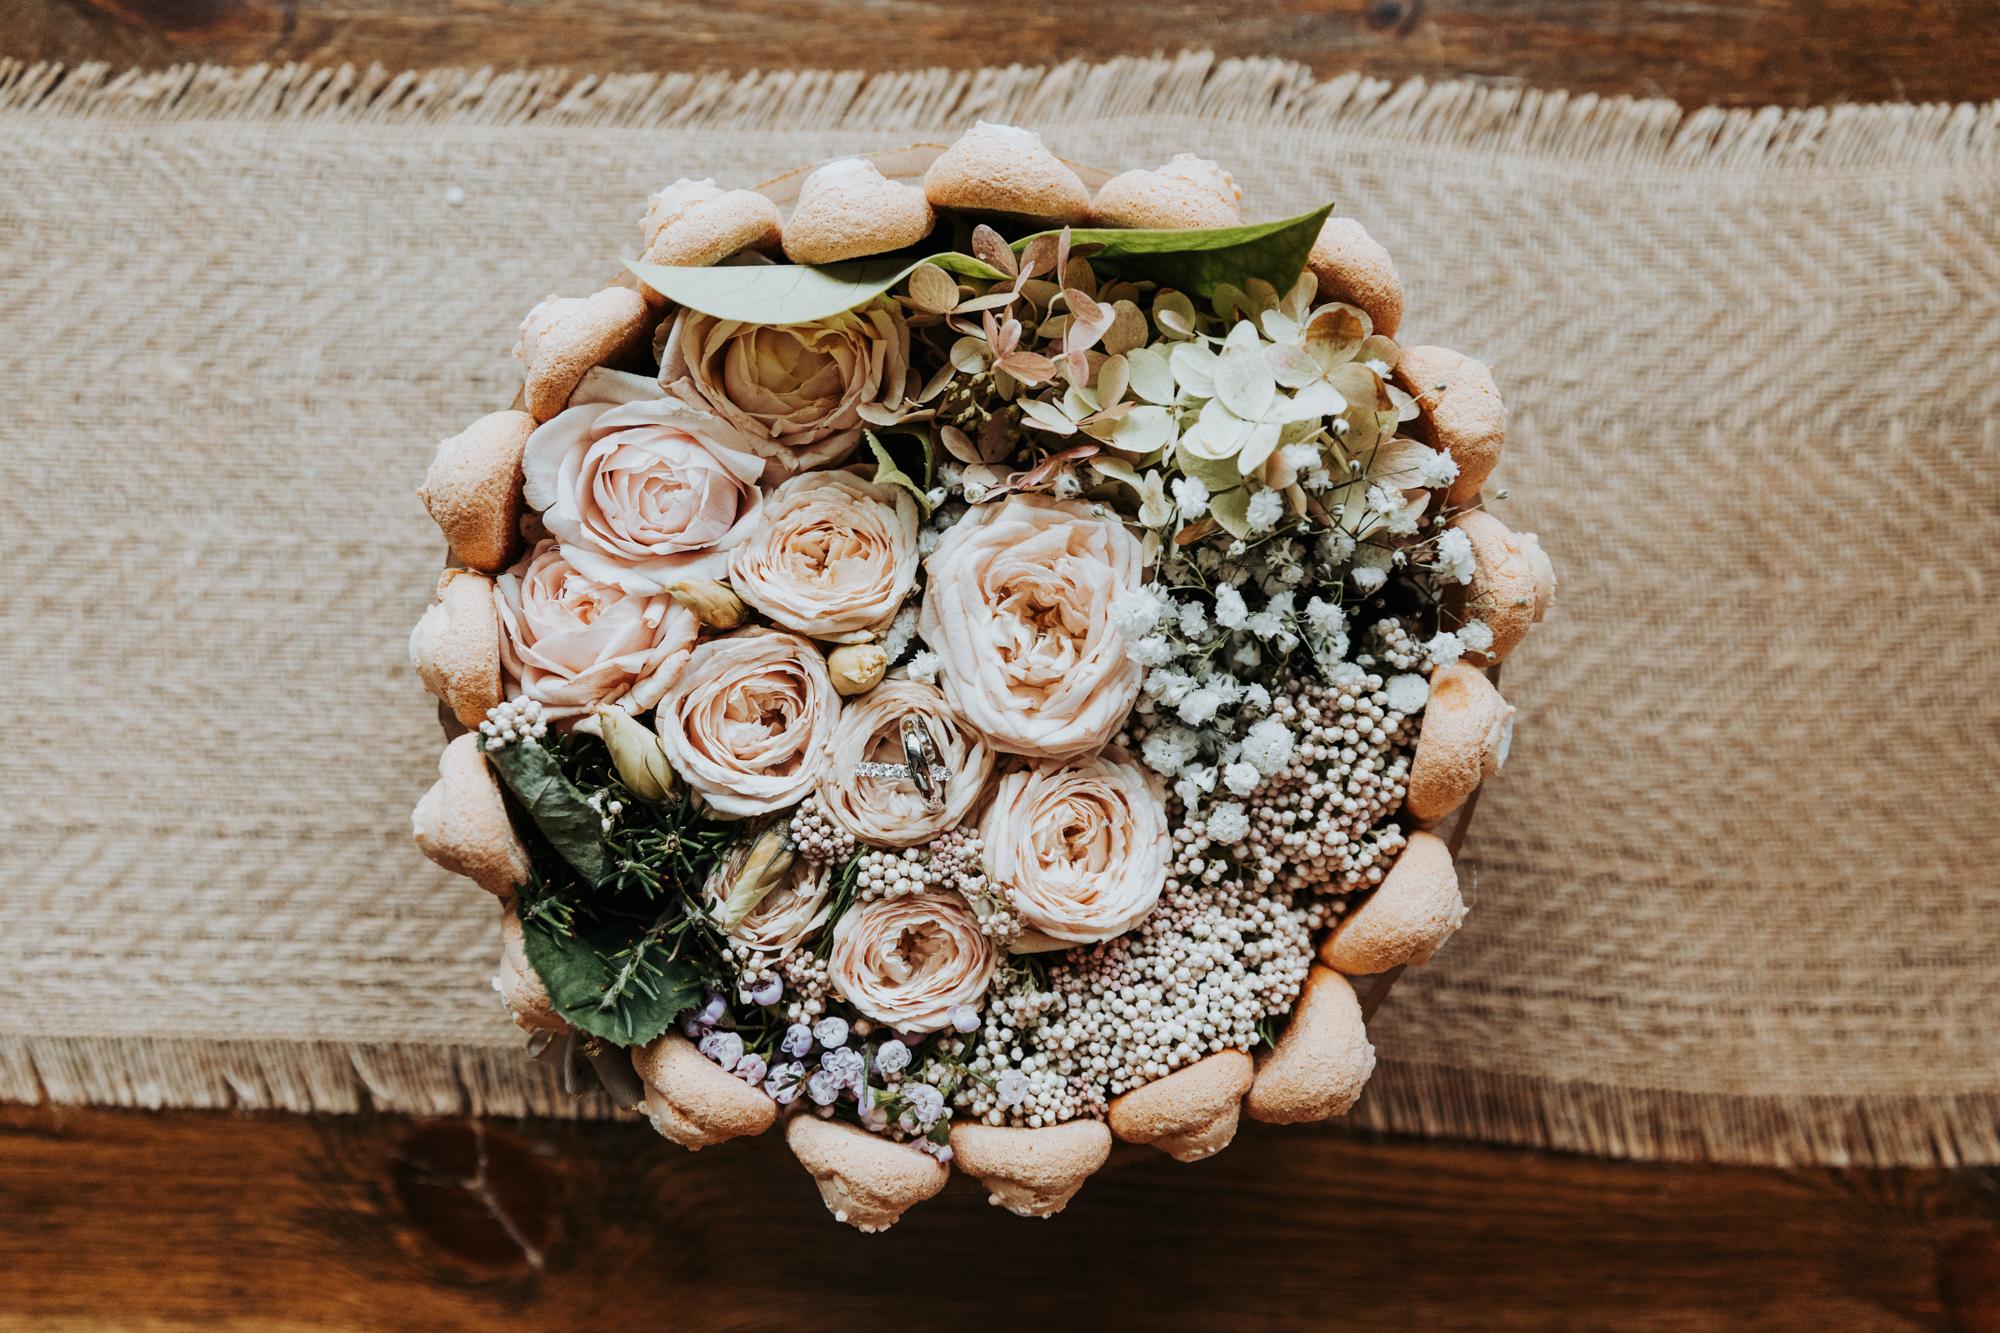 détail de décoration florale de mariage, les alliances sont posées dans les fleurs